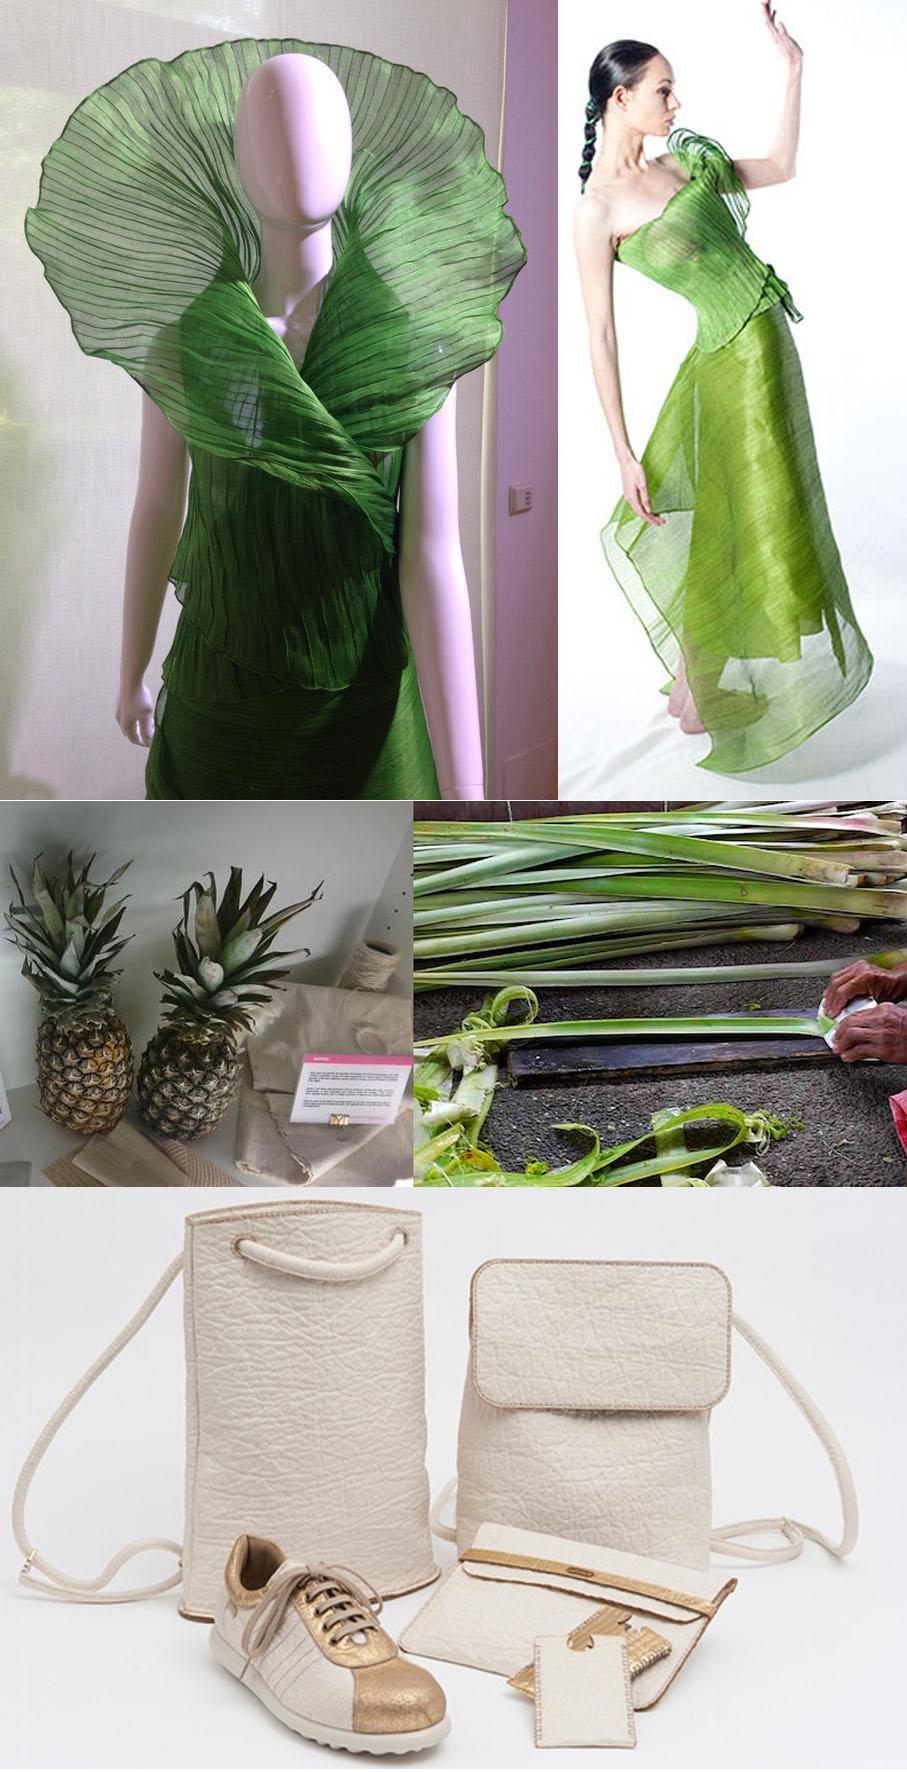 Textifood, os tecidos do futuro feitos a partir de resíduos de alimentos stylo urbano-2